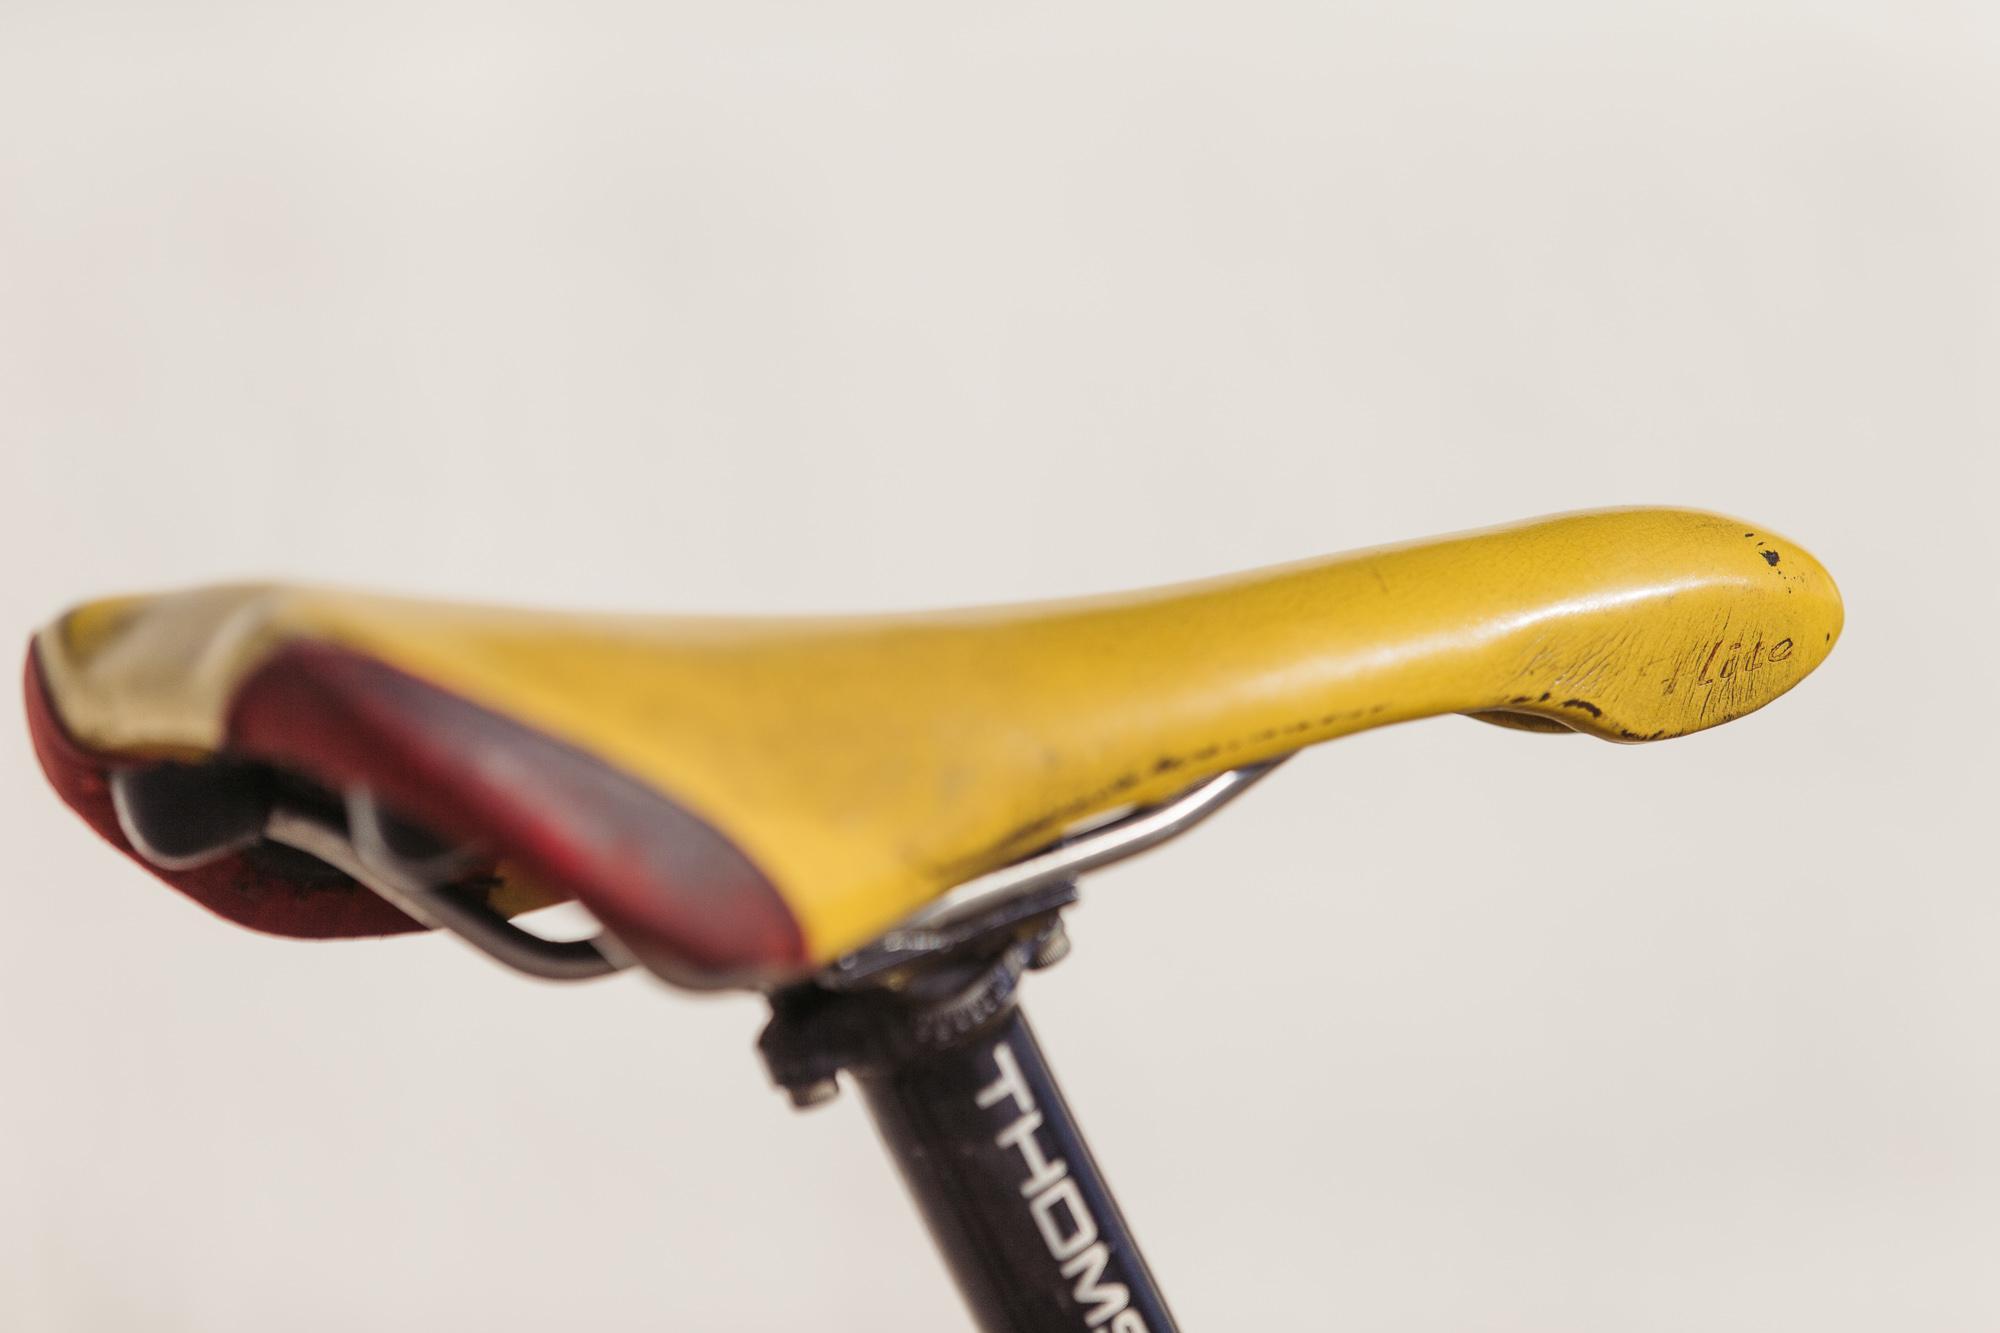 Shawn's Titanium Serotta Cross Bike